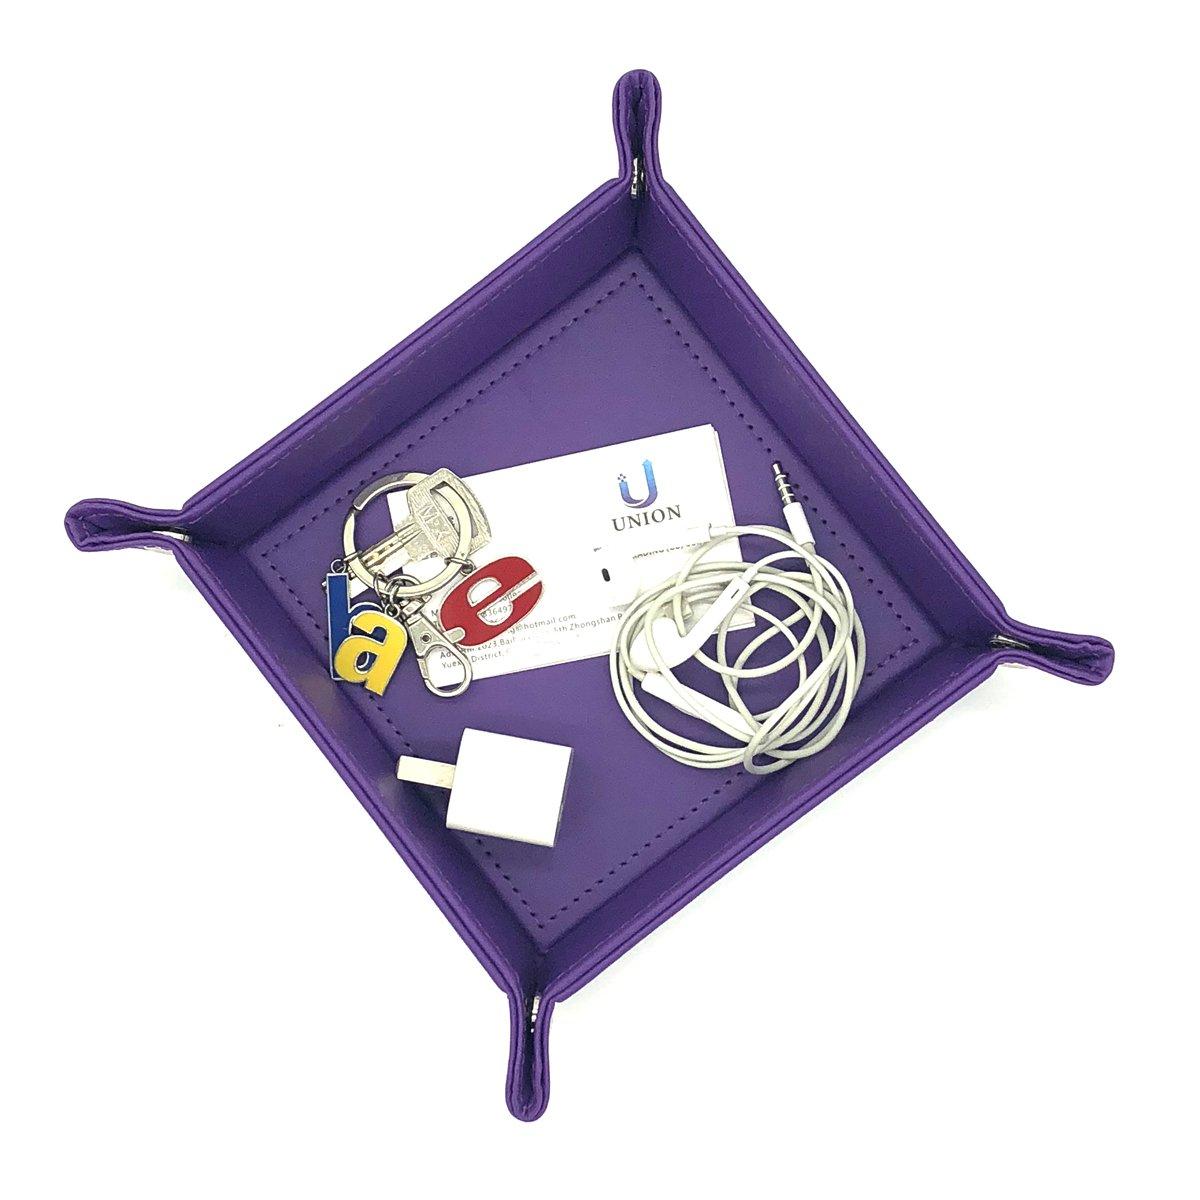 Unionbasic Bandeja de almacenamiento multifunci/ón de piel sint/ética para joyas monedas llaves tel/éfono color marr/ón